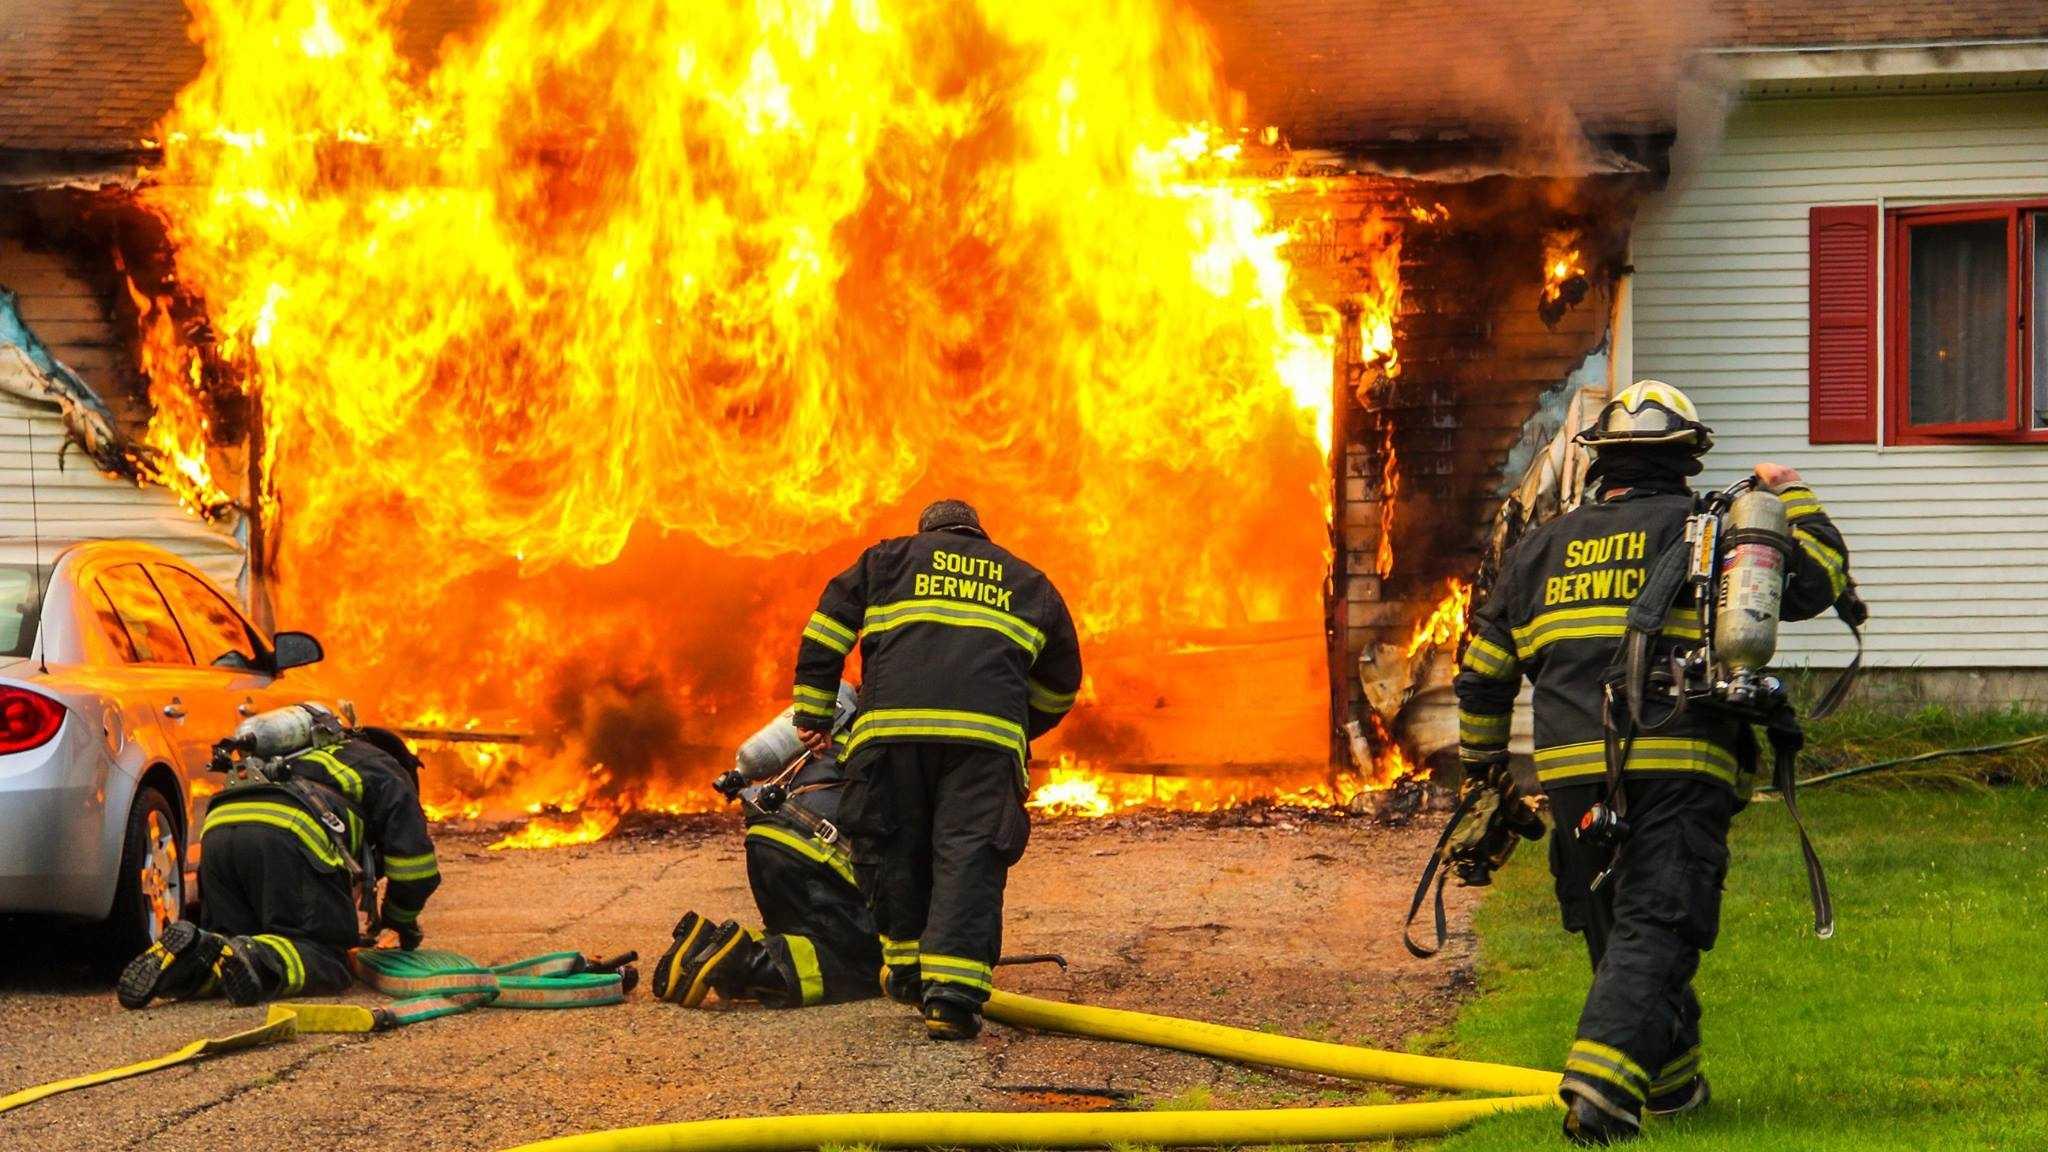 South Berwick Fire.jpg